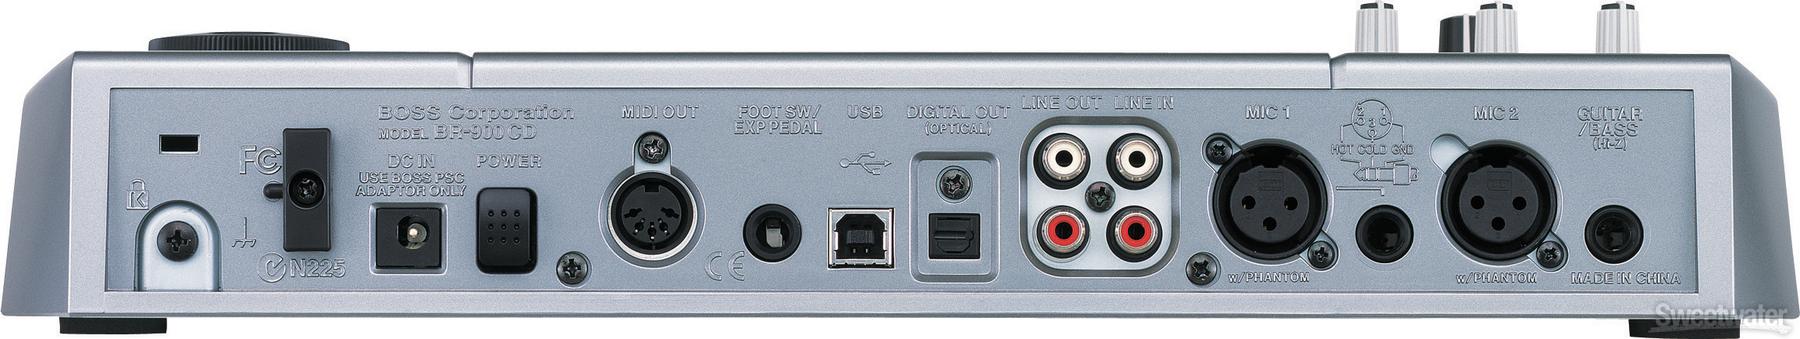 1600-BR900CD_rear.jpg